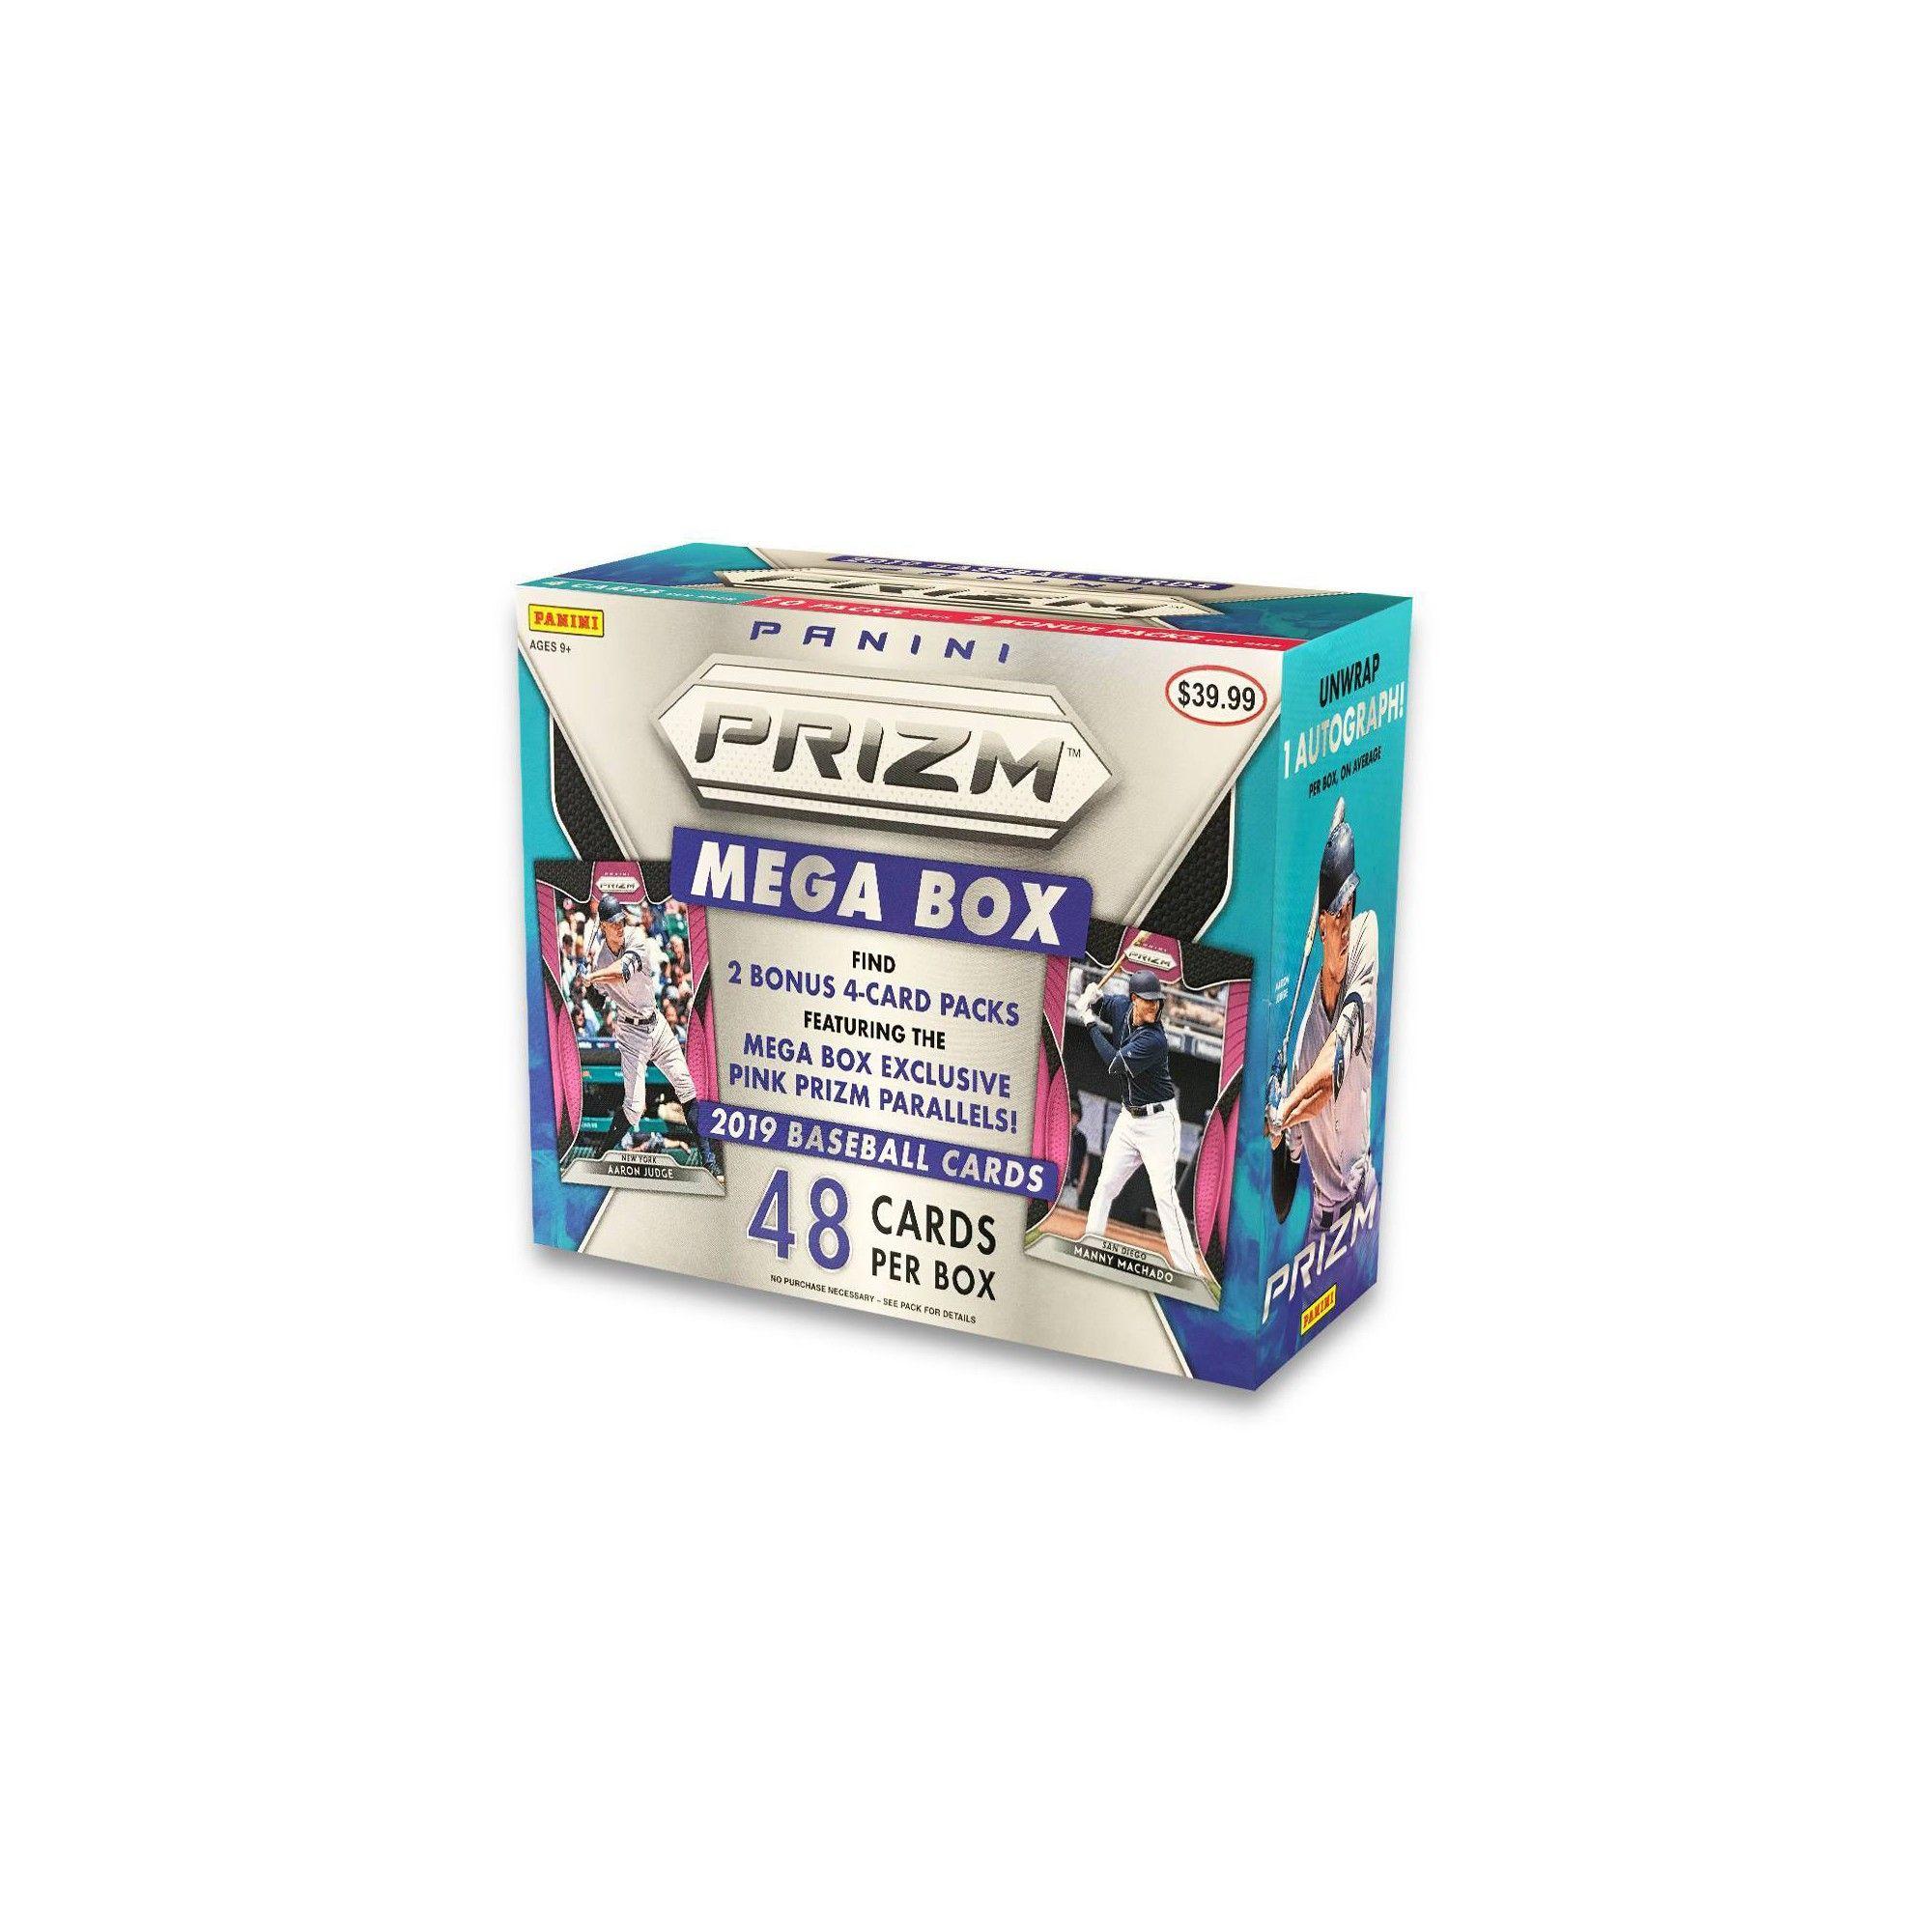 2019 Mlb Prizm Baseball Trading Card Mega Box In 2019 Products